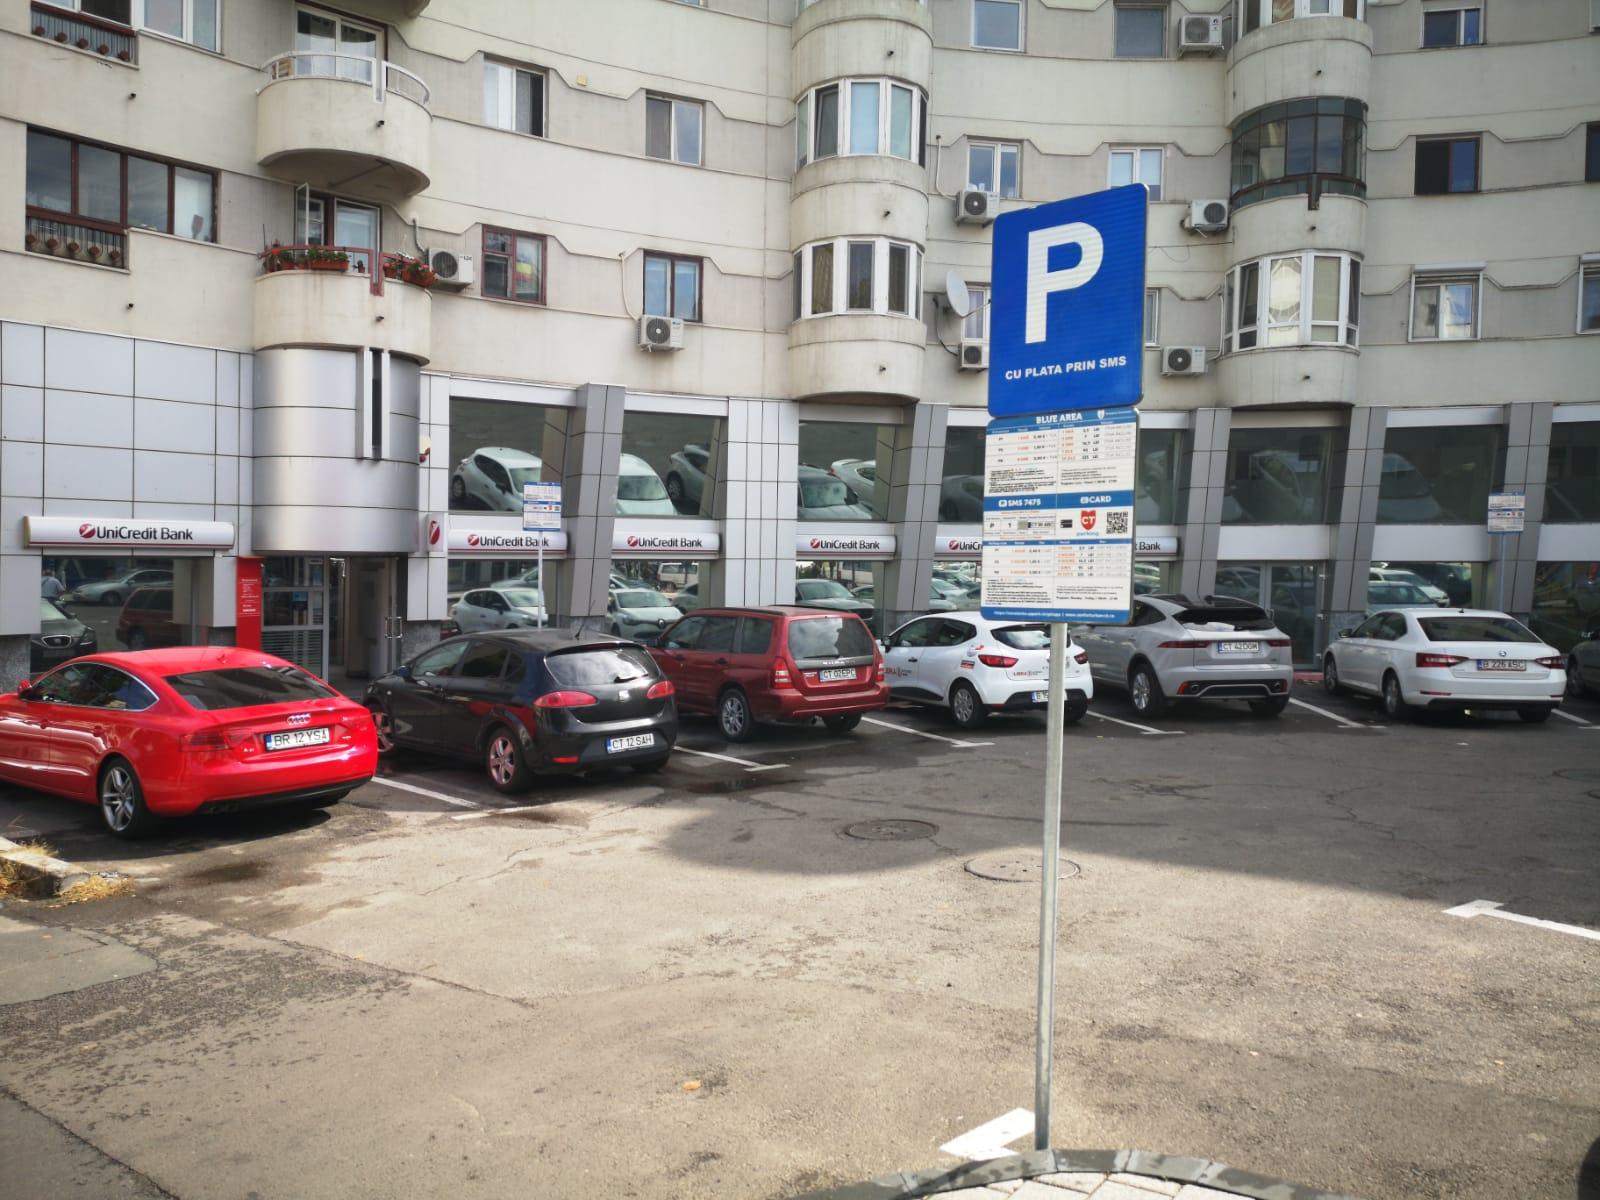 Parcări gratuite după ora 17:00, în mai multe zone din oraș